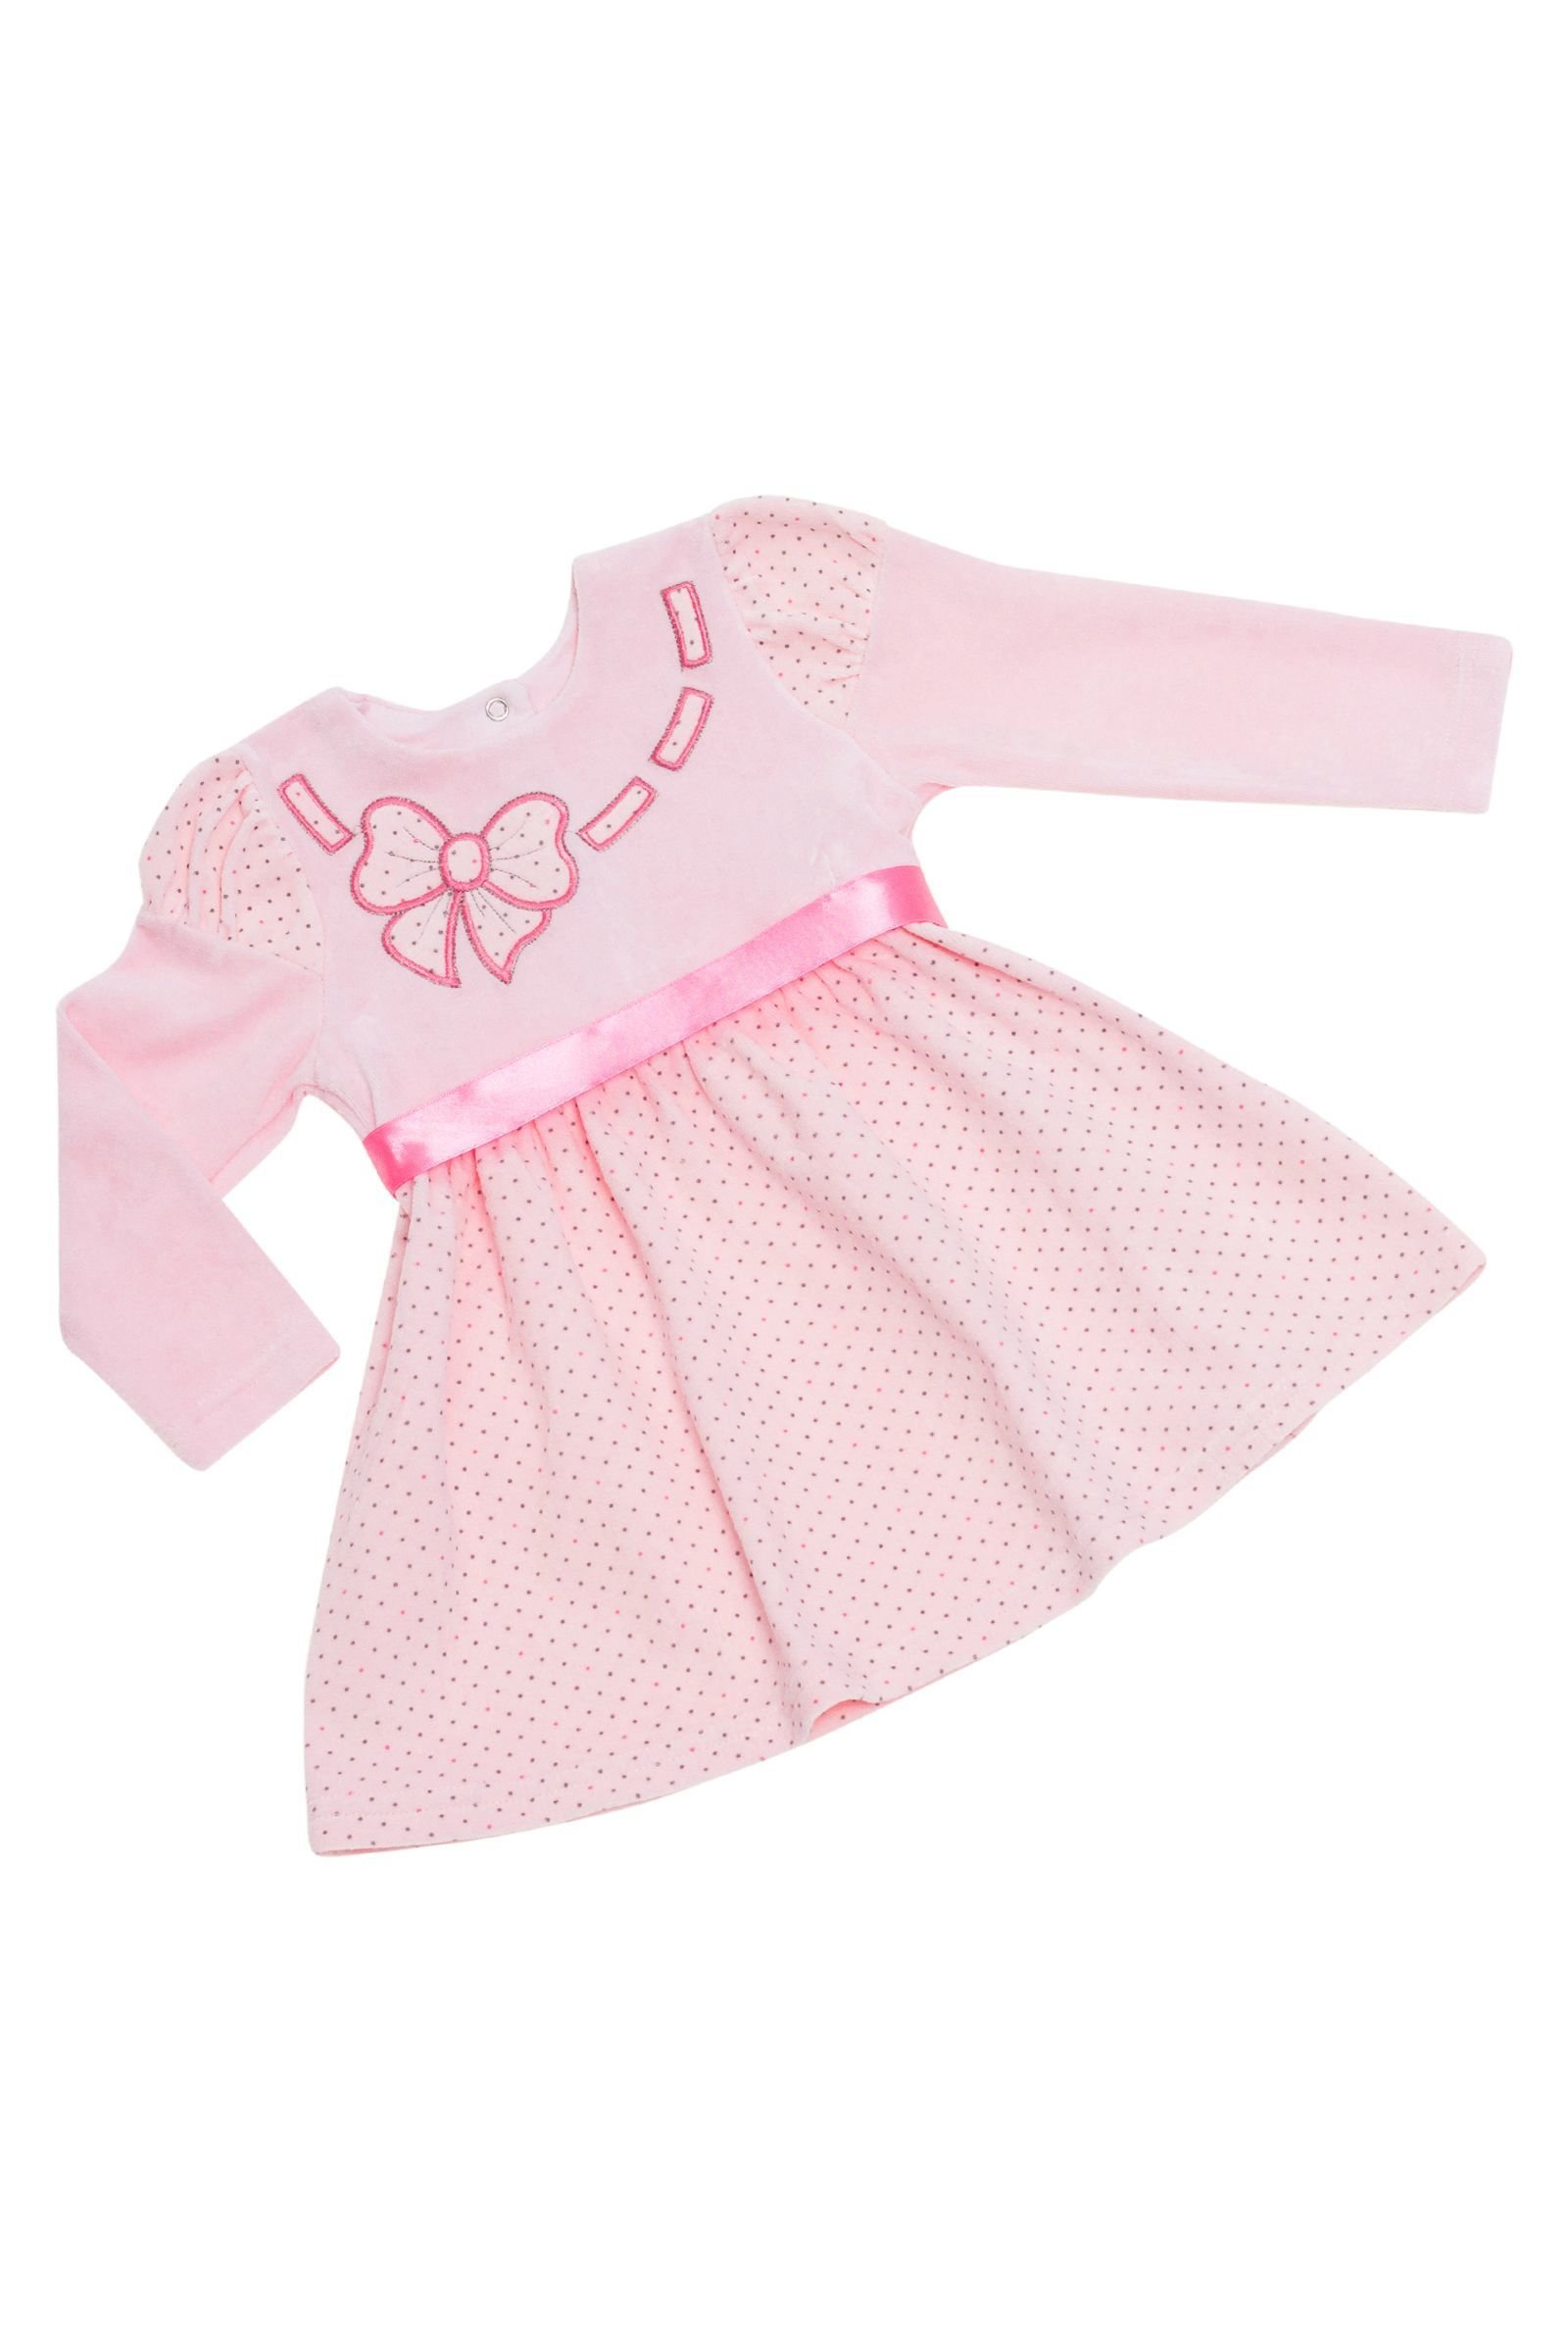 Платье для девочки ALLAL04-1702